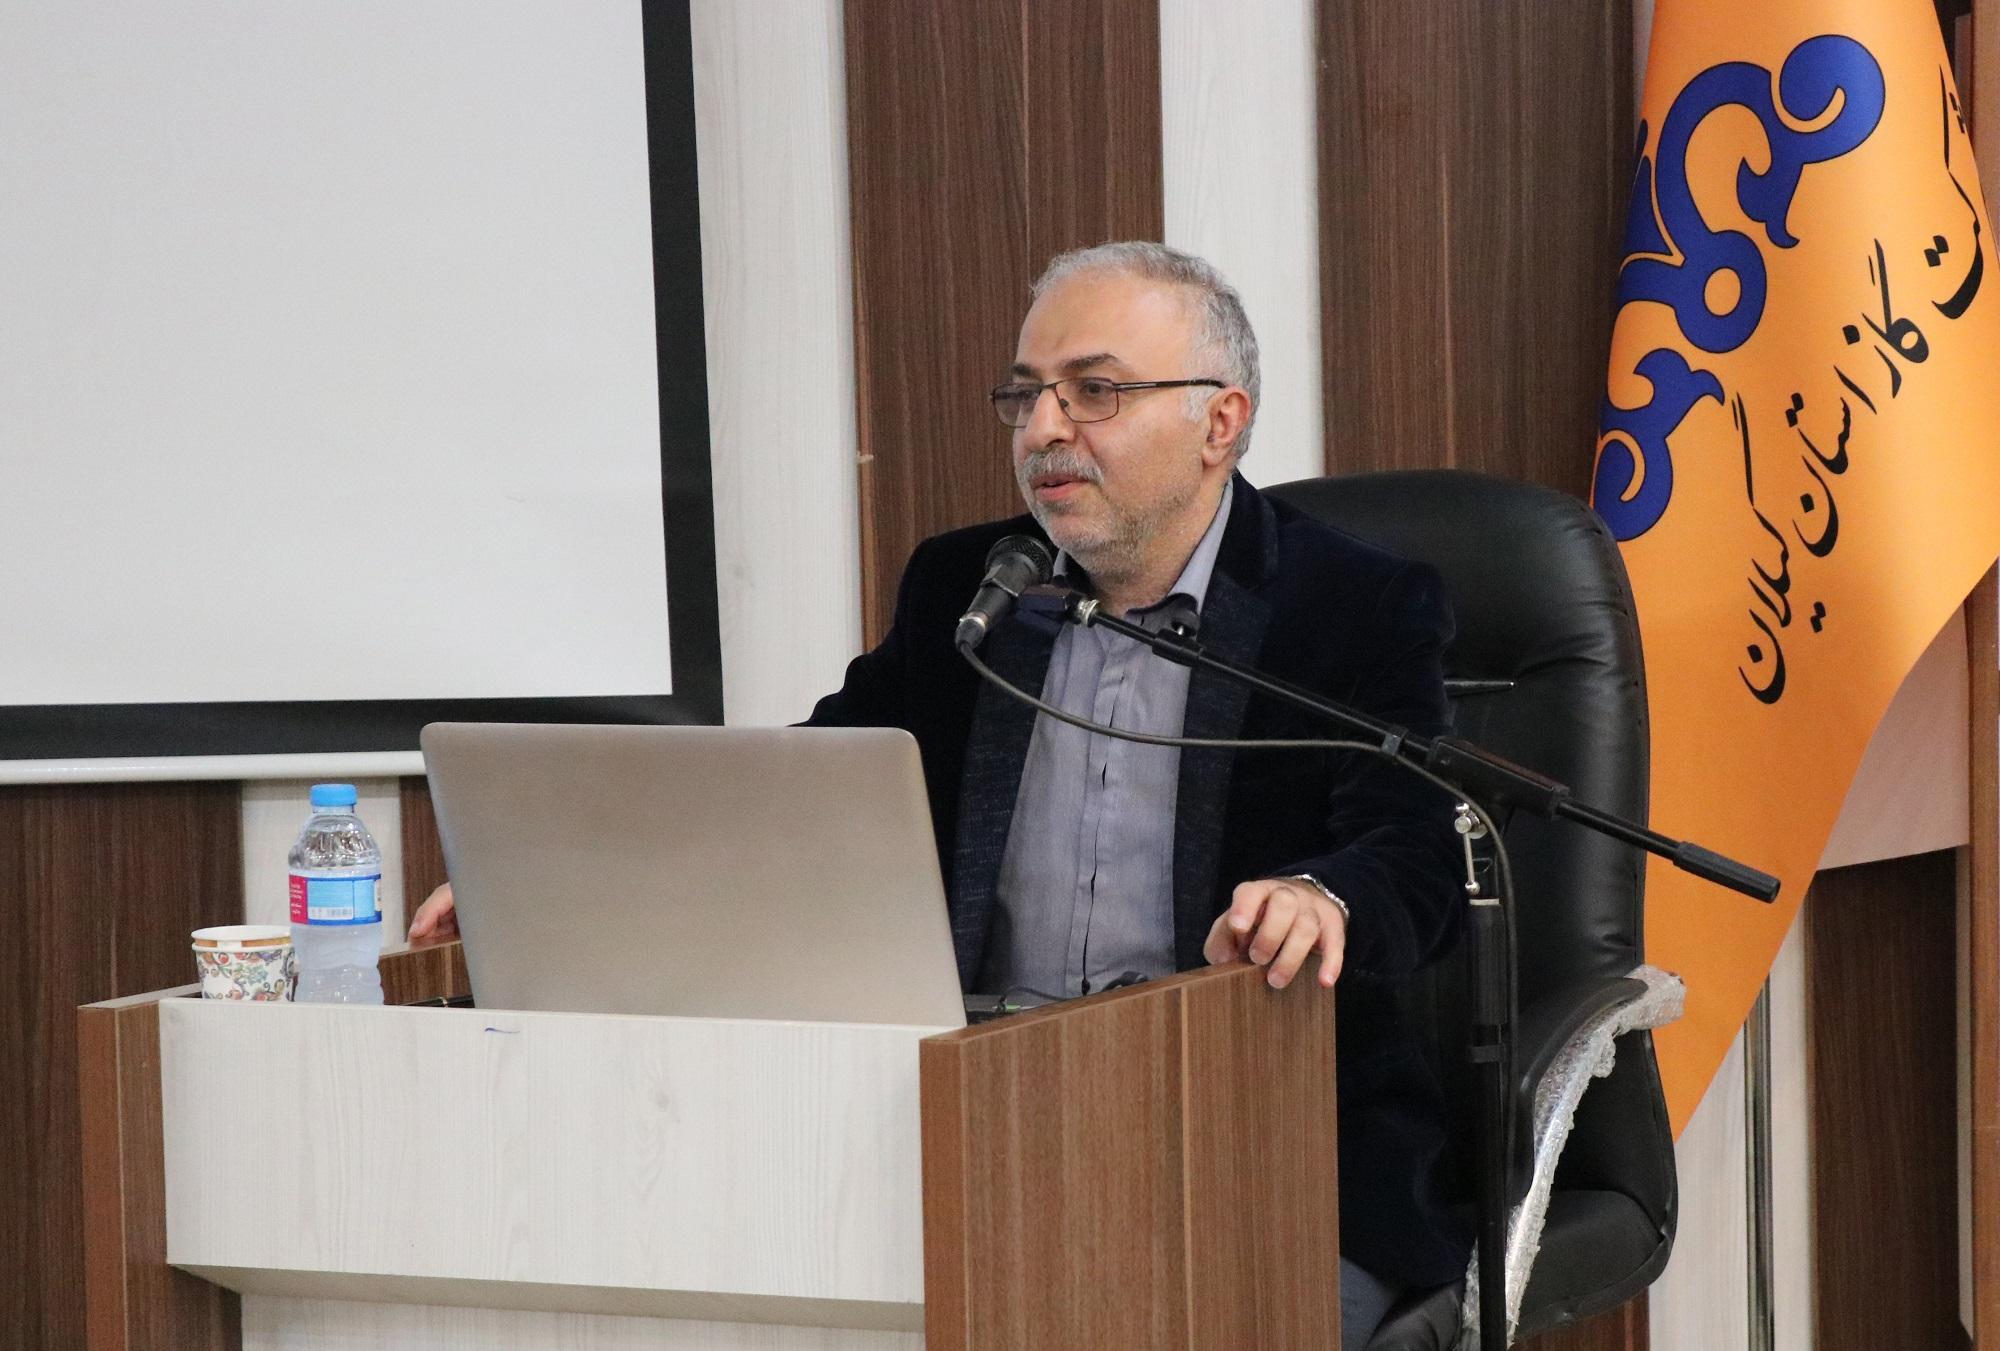 مدیرعامل شرکت گاز استان : افزایش ۱۰ درصدی مصرف گاز در گیلان